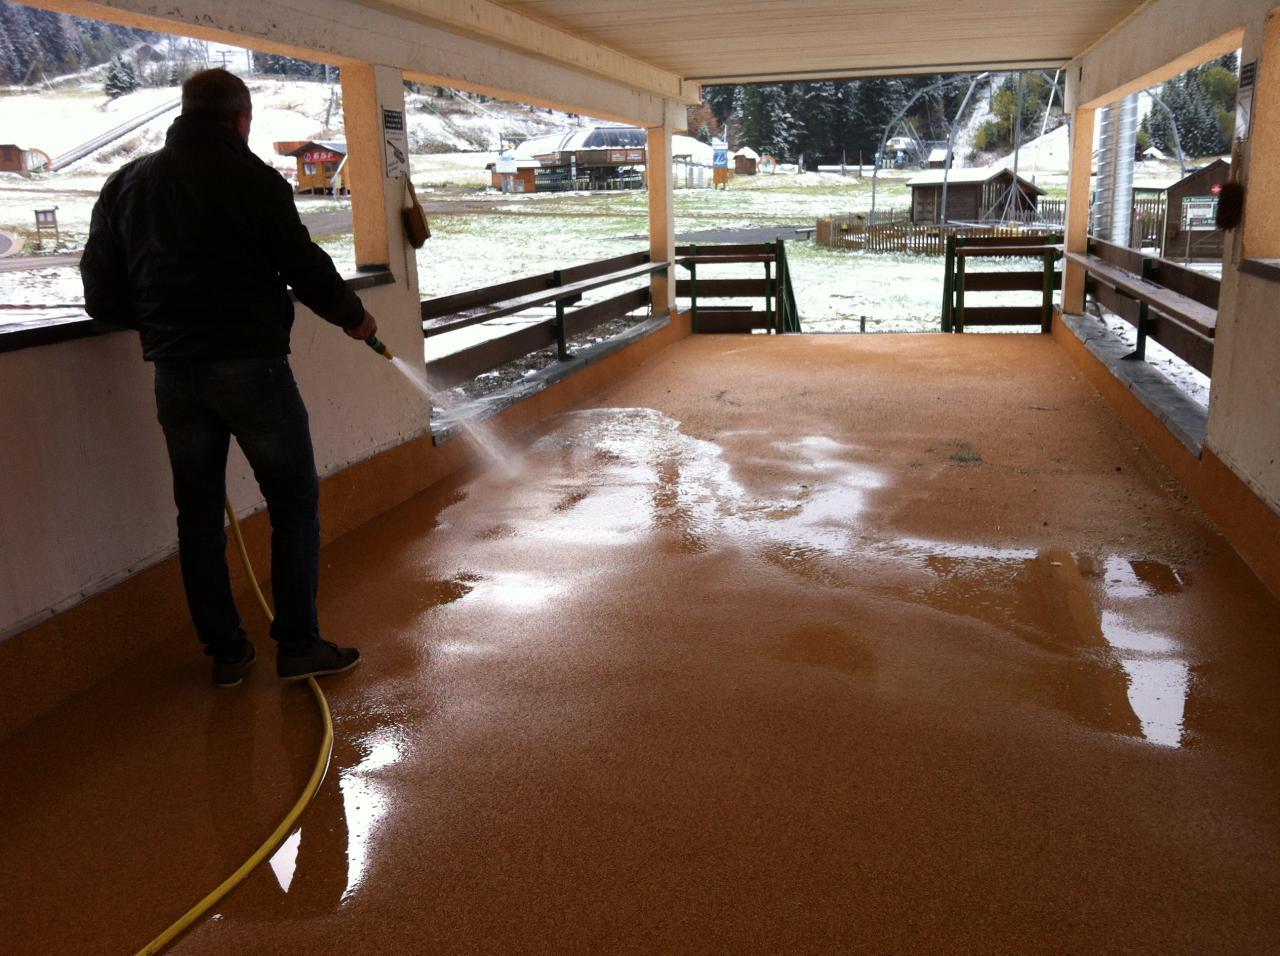 nettoyage du sol passerelle au jet d'eau